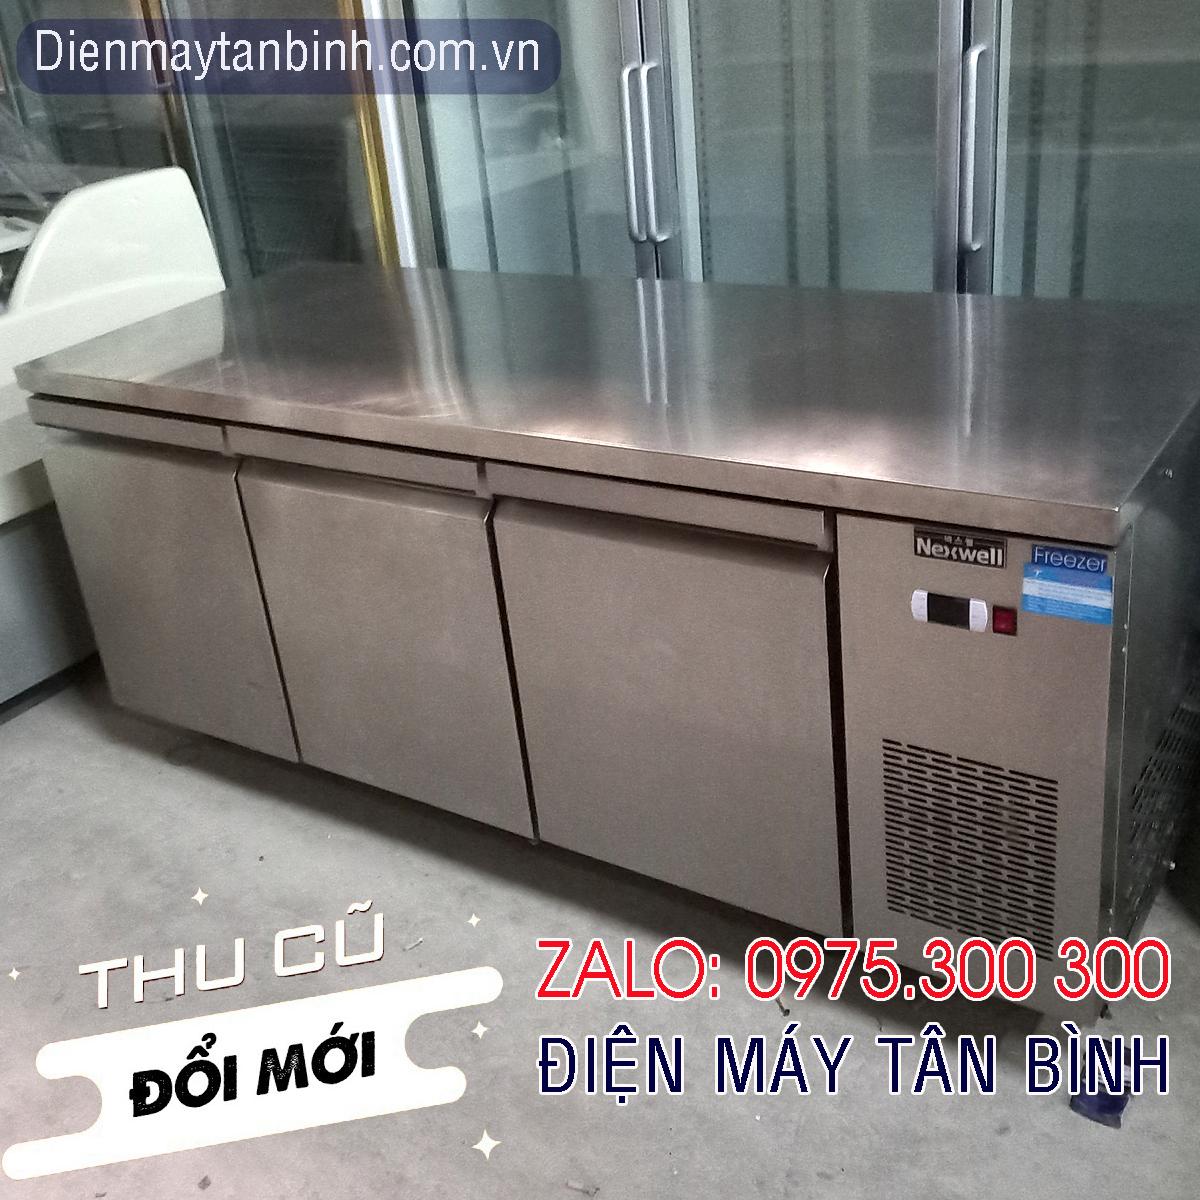 Bán thanh lý tủ cũ, cho thuê tủ bàn lạnh inox nhà hàng dài 1.8m